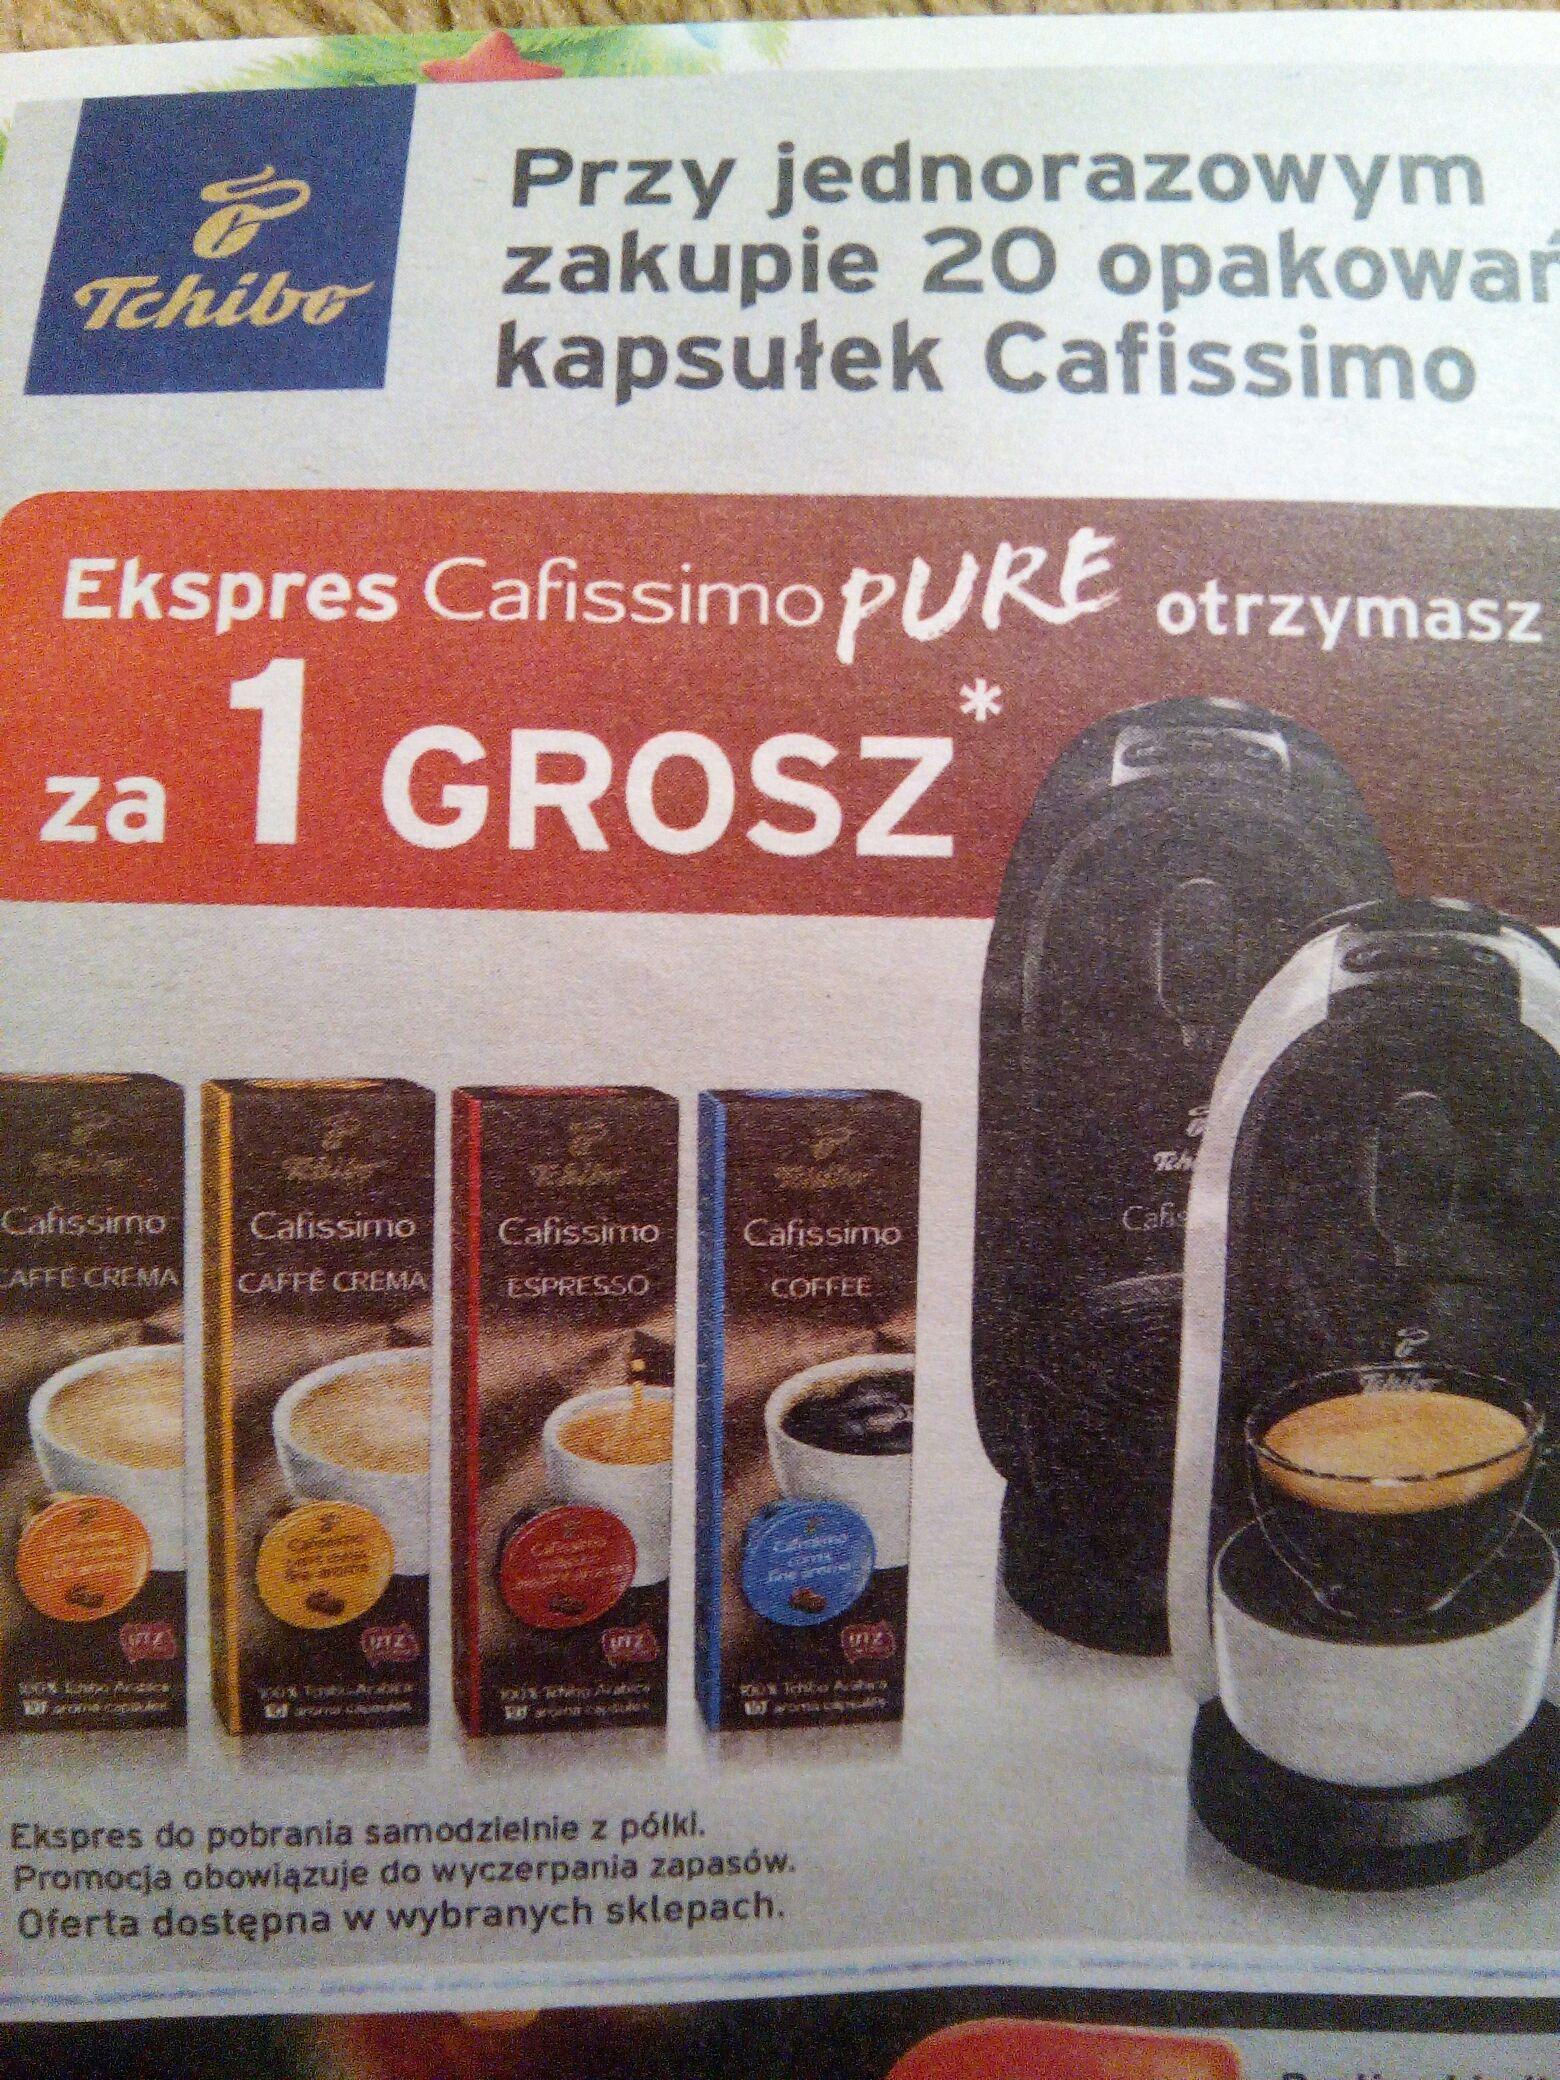 Ekapres Cafissimo pure za 1grosz przy zakupie 20 opakowań kapsułek